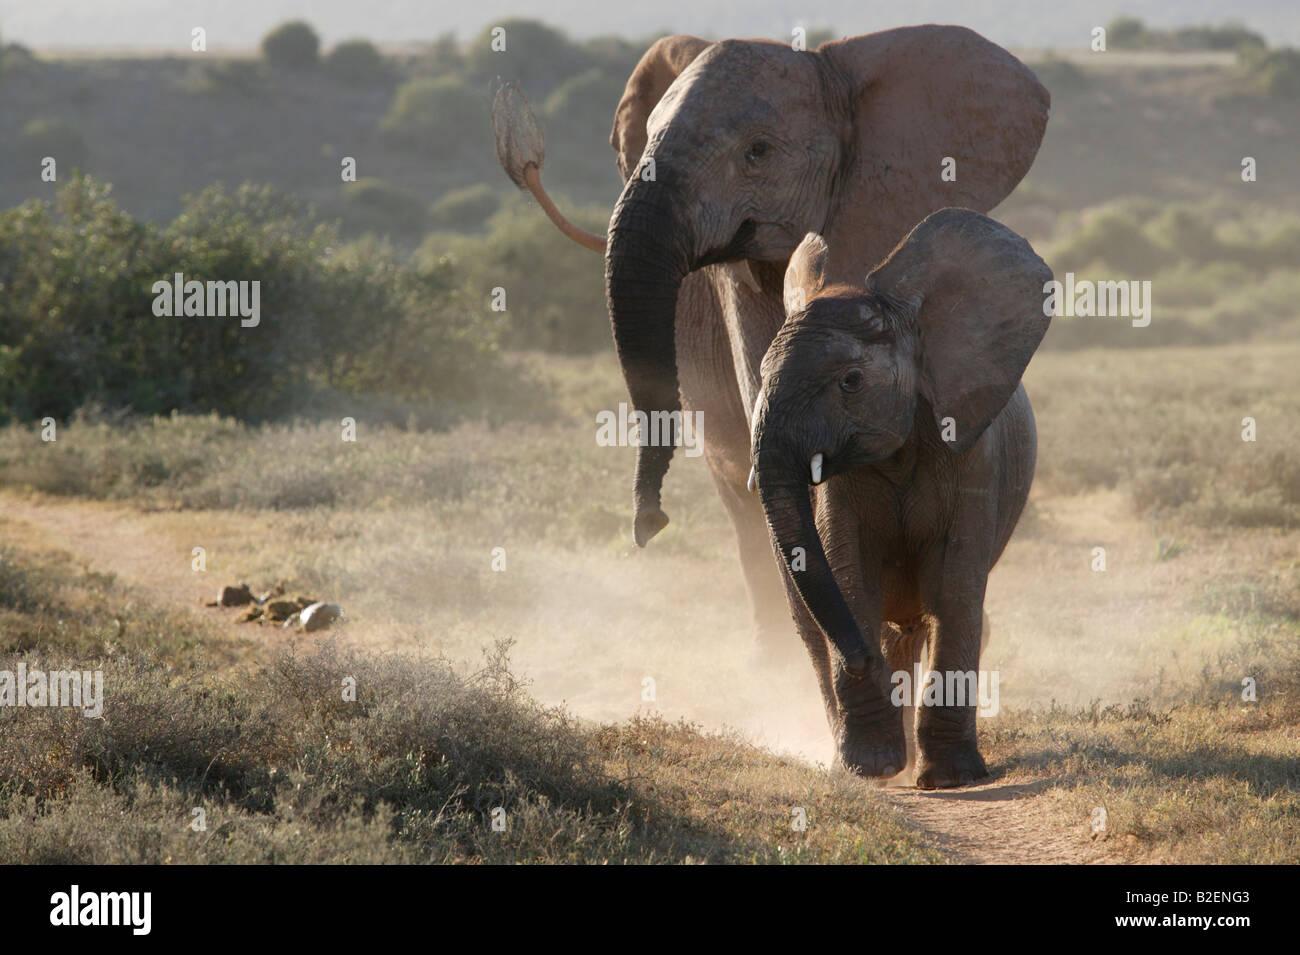 Una vista frontale di due elefanti in un aggressivo rappresentare Immagini Stock